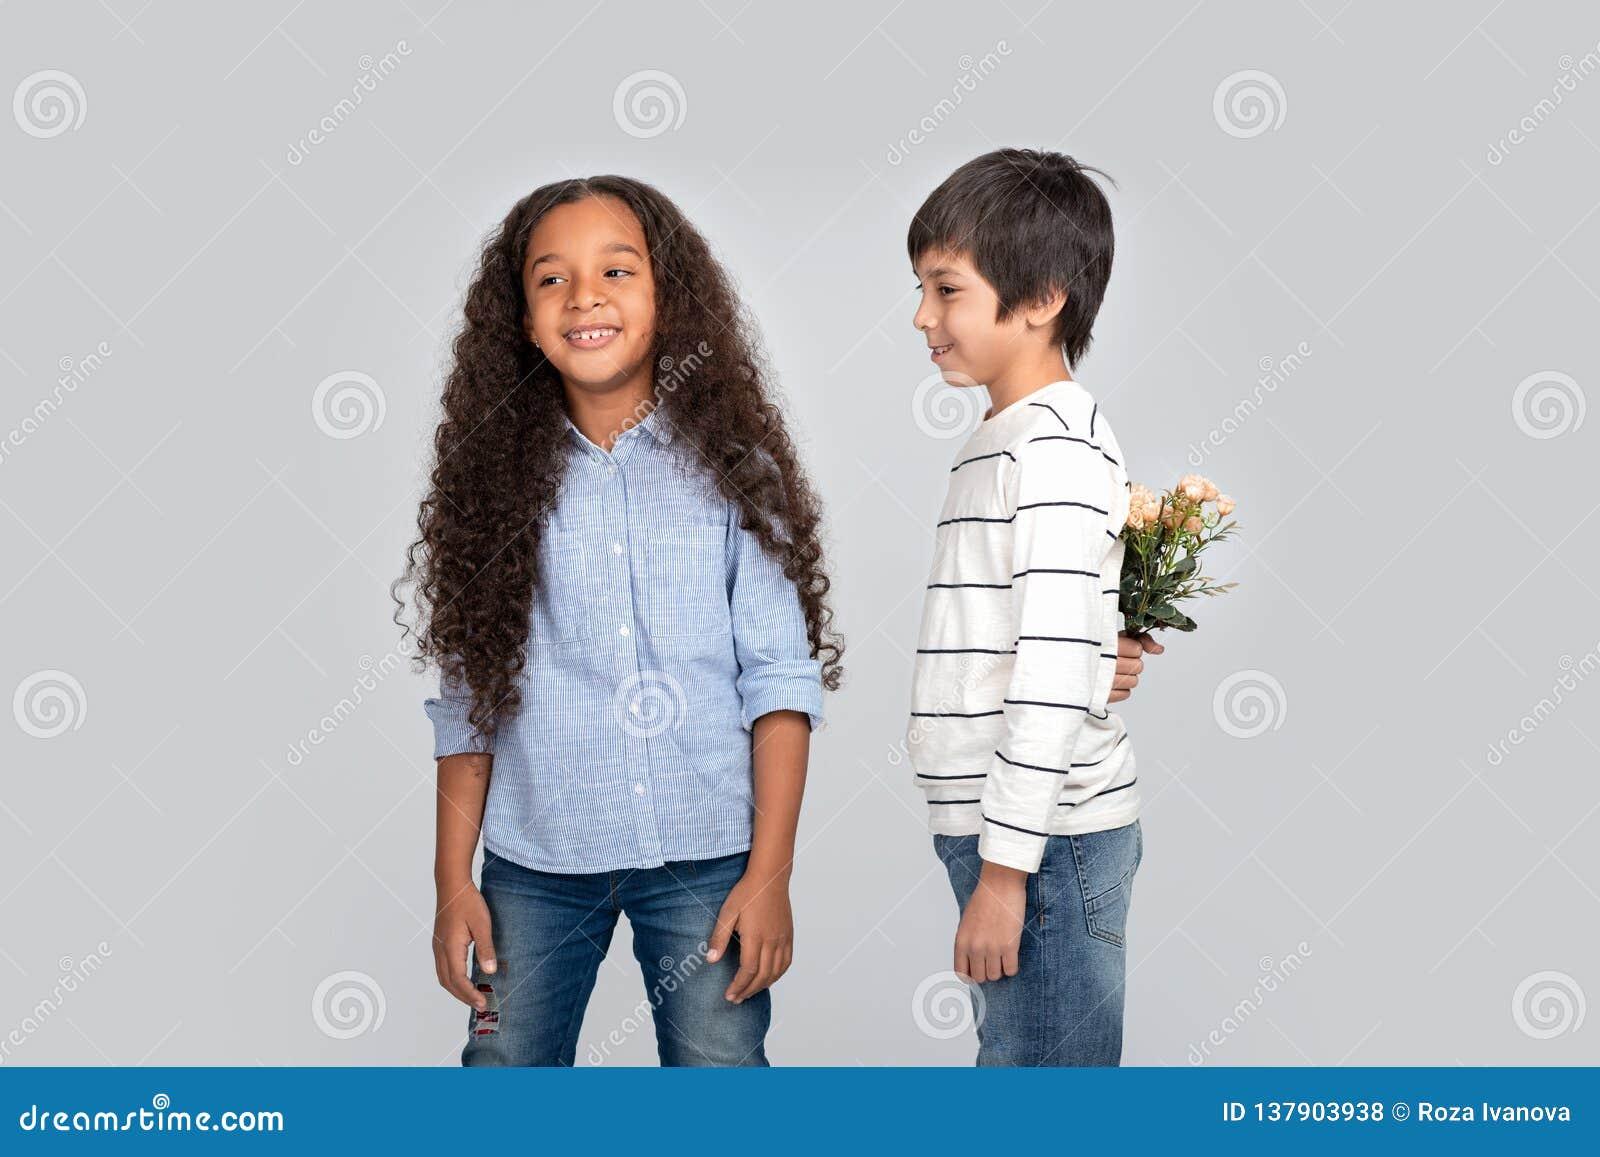 Studioskott av en ung pojke som ger blommor till en flicka som isoleras